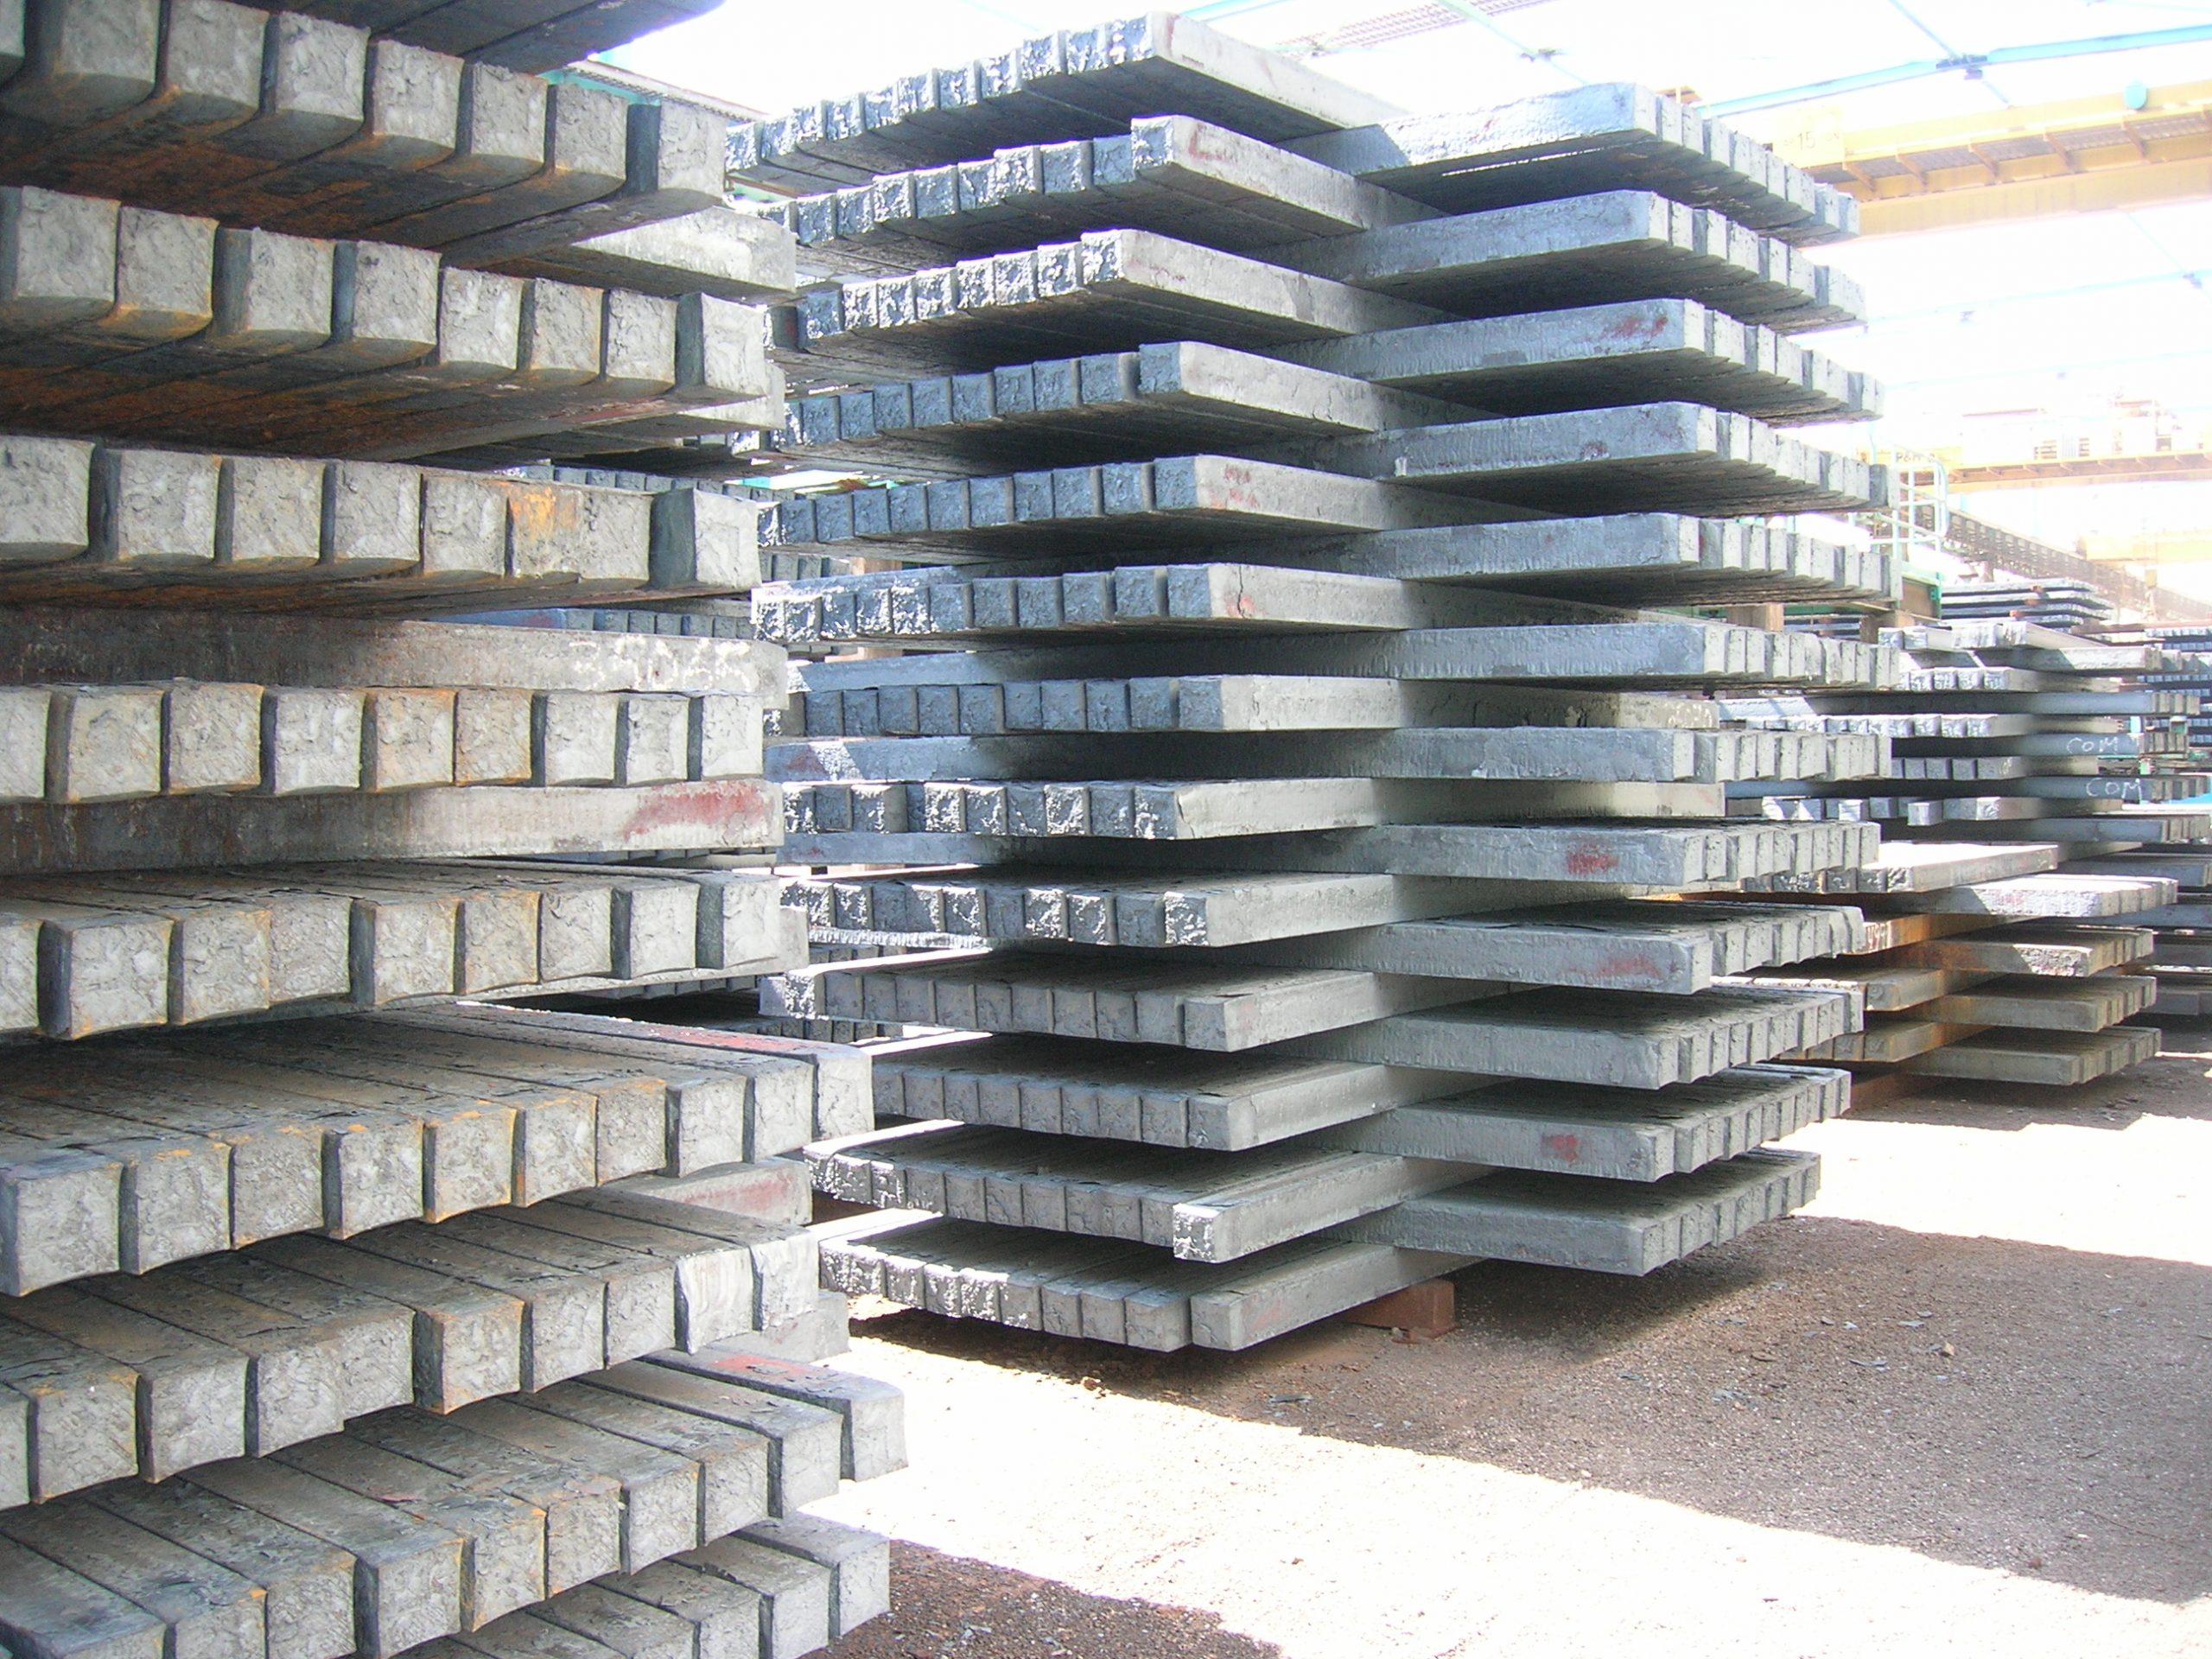 El consumo aparente de acero registra una fuerte alza, la mayor del quinquenio para la primera mitad del año